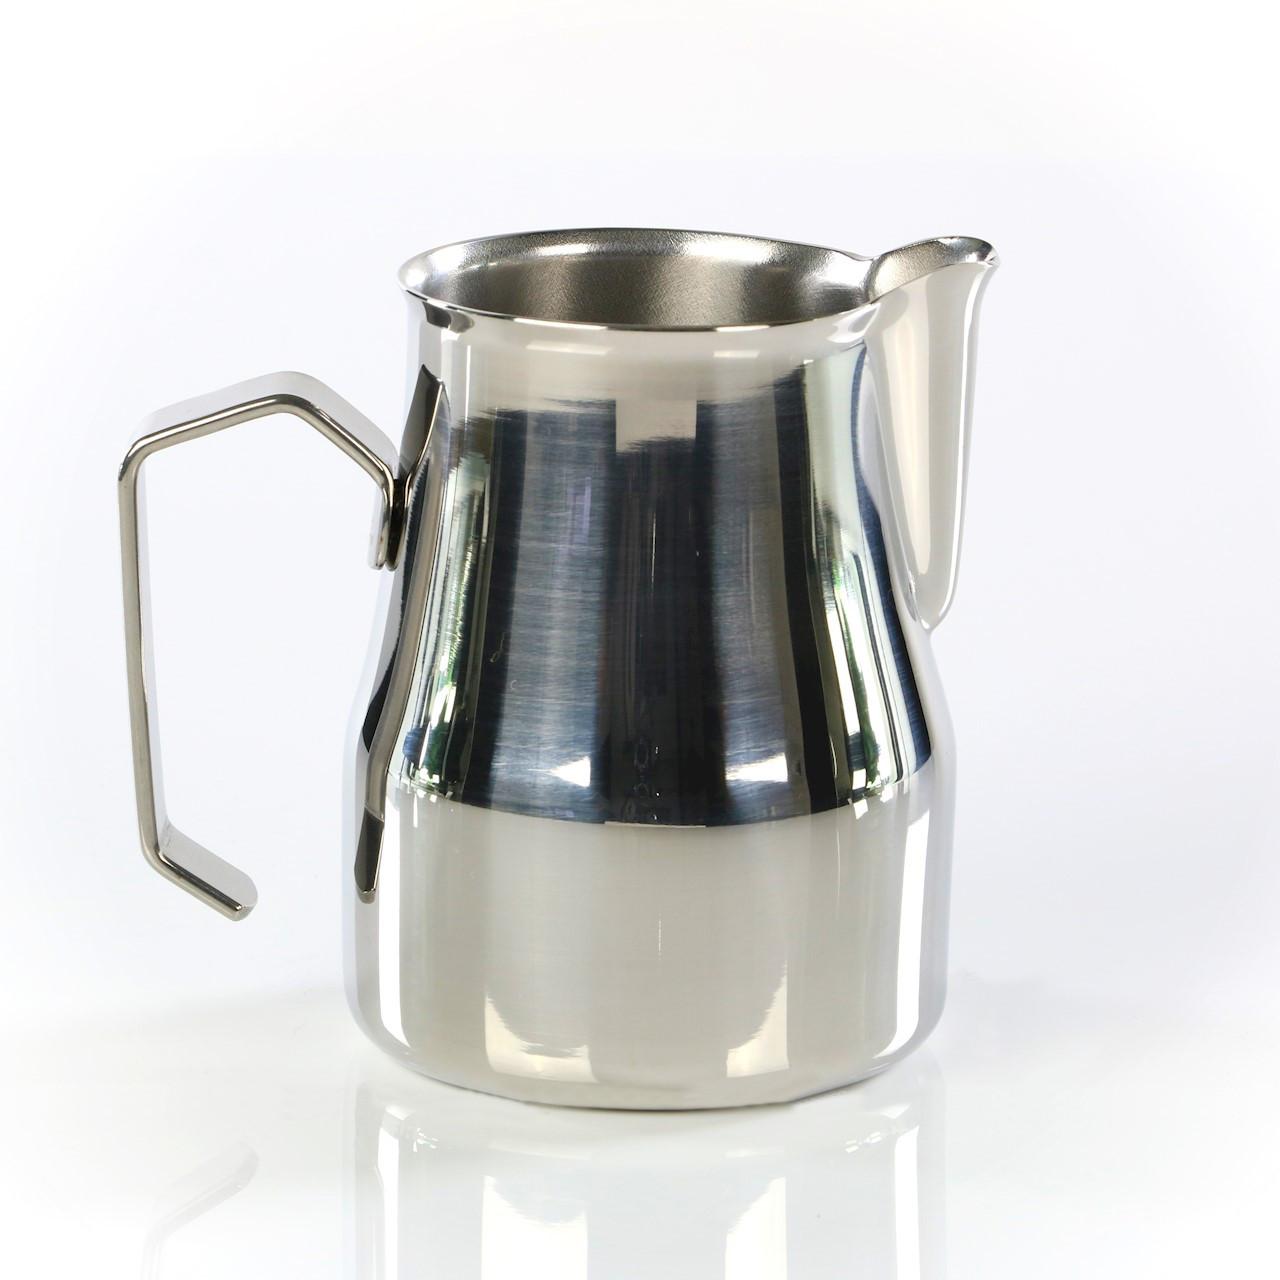 Пітчер молочник Motta Europa 750 мл сталевий